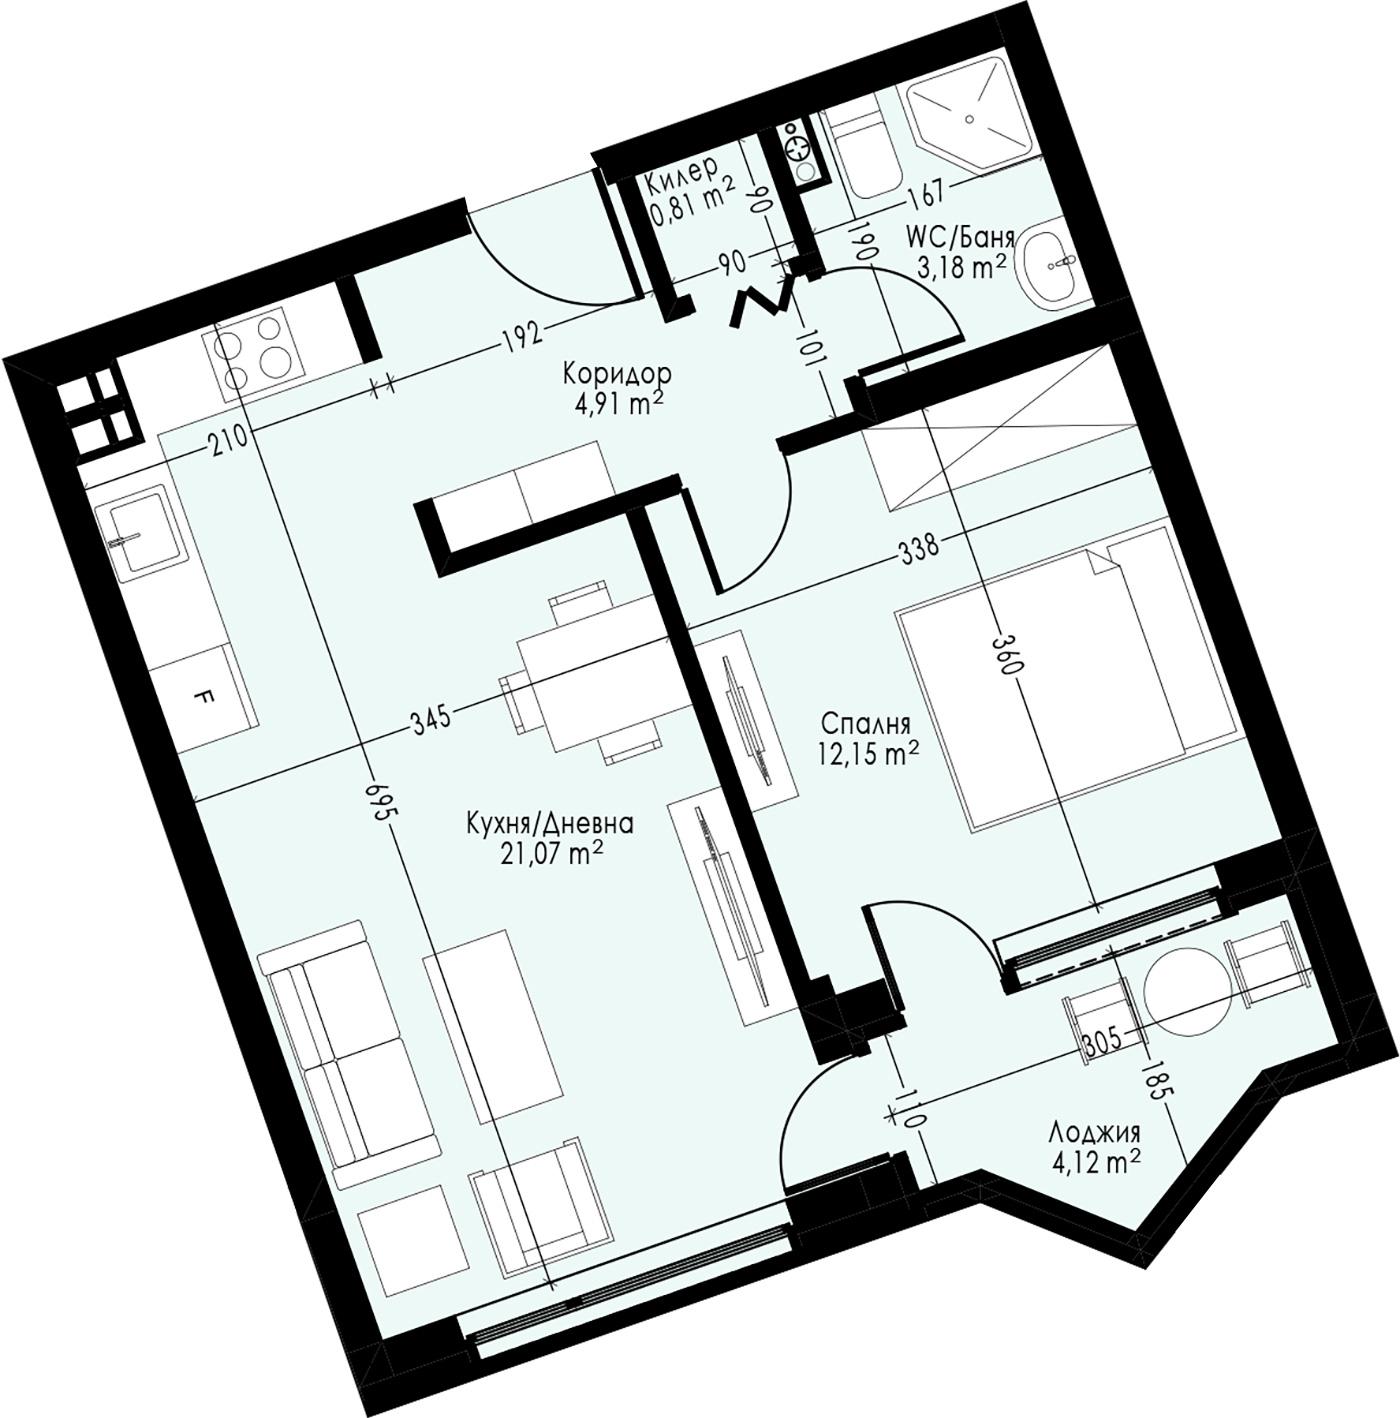 Офис (апартамент) 2